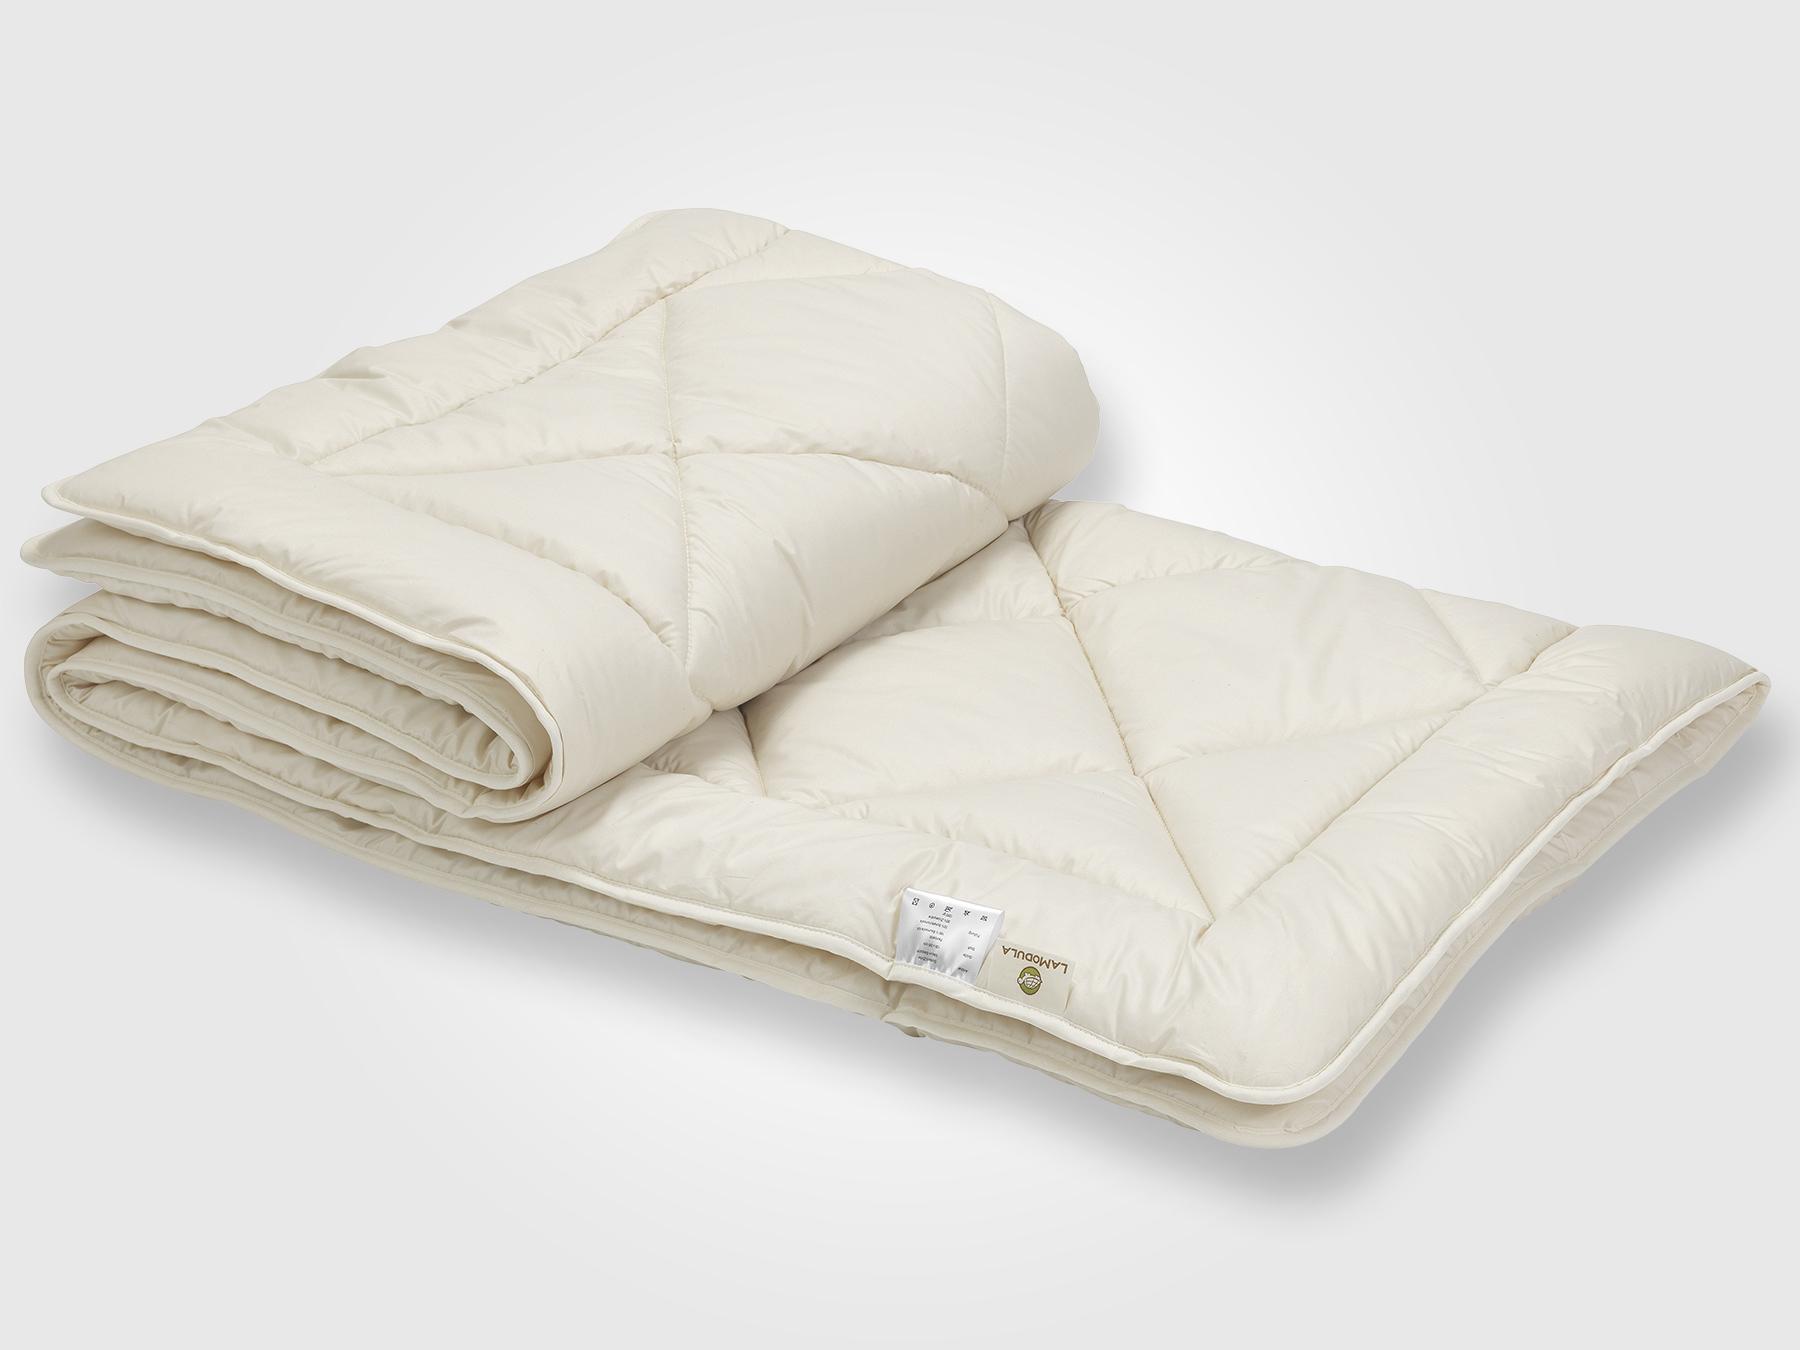 Nur Daunen erster Güteklasse werden für unsere Daunen-Decke verwendet.